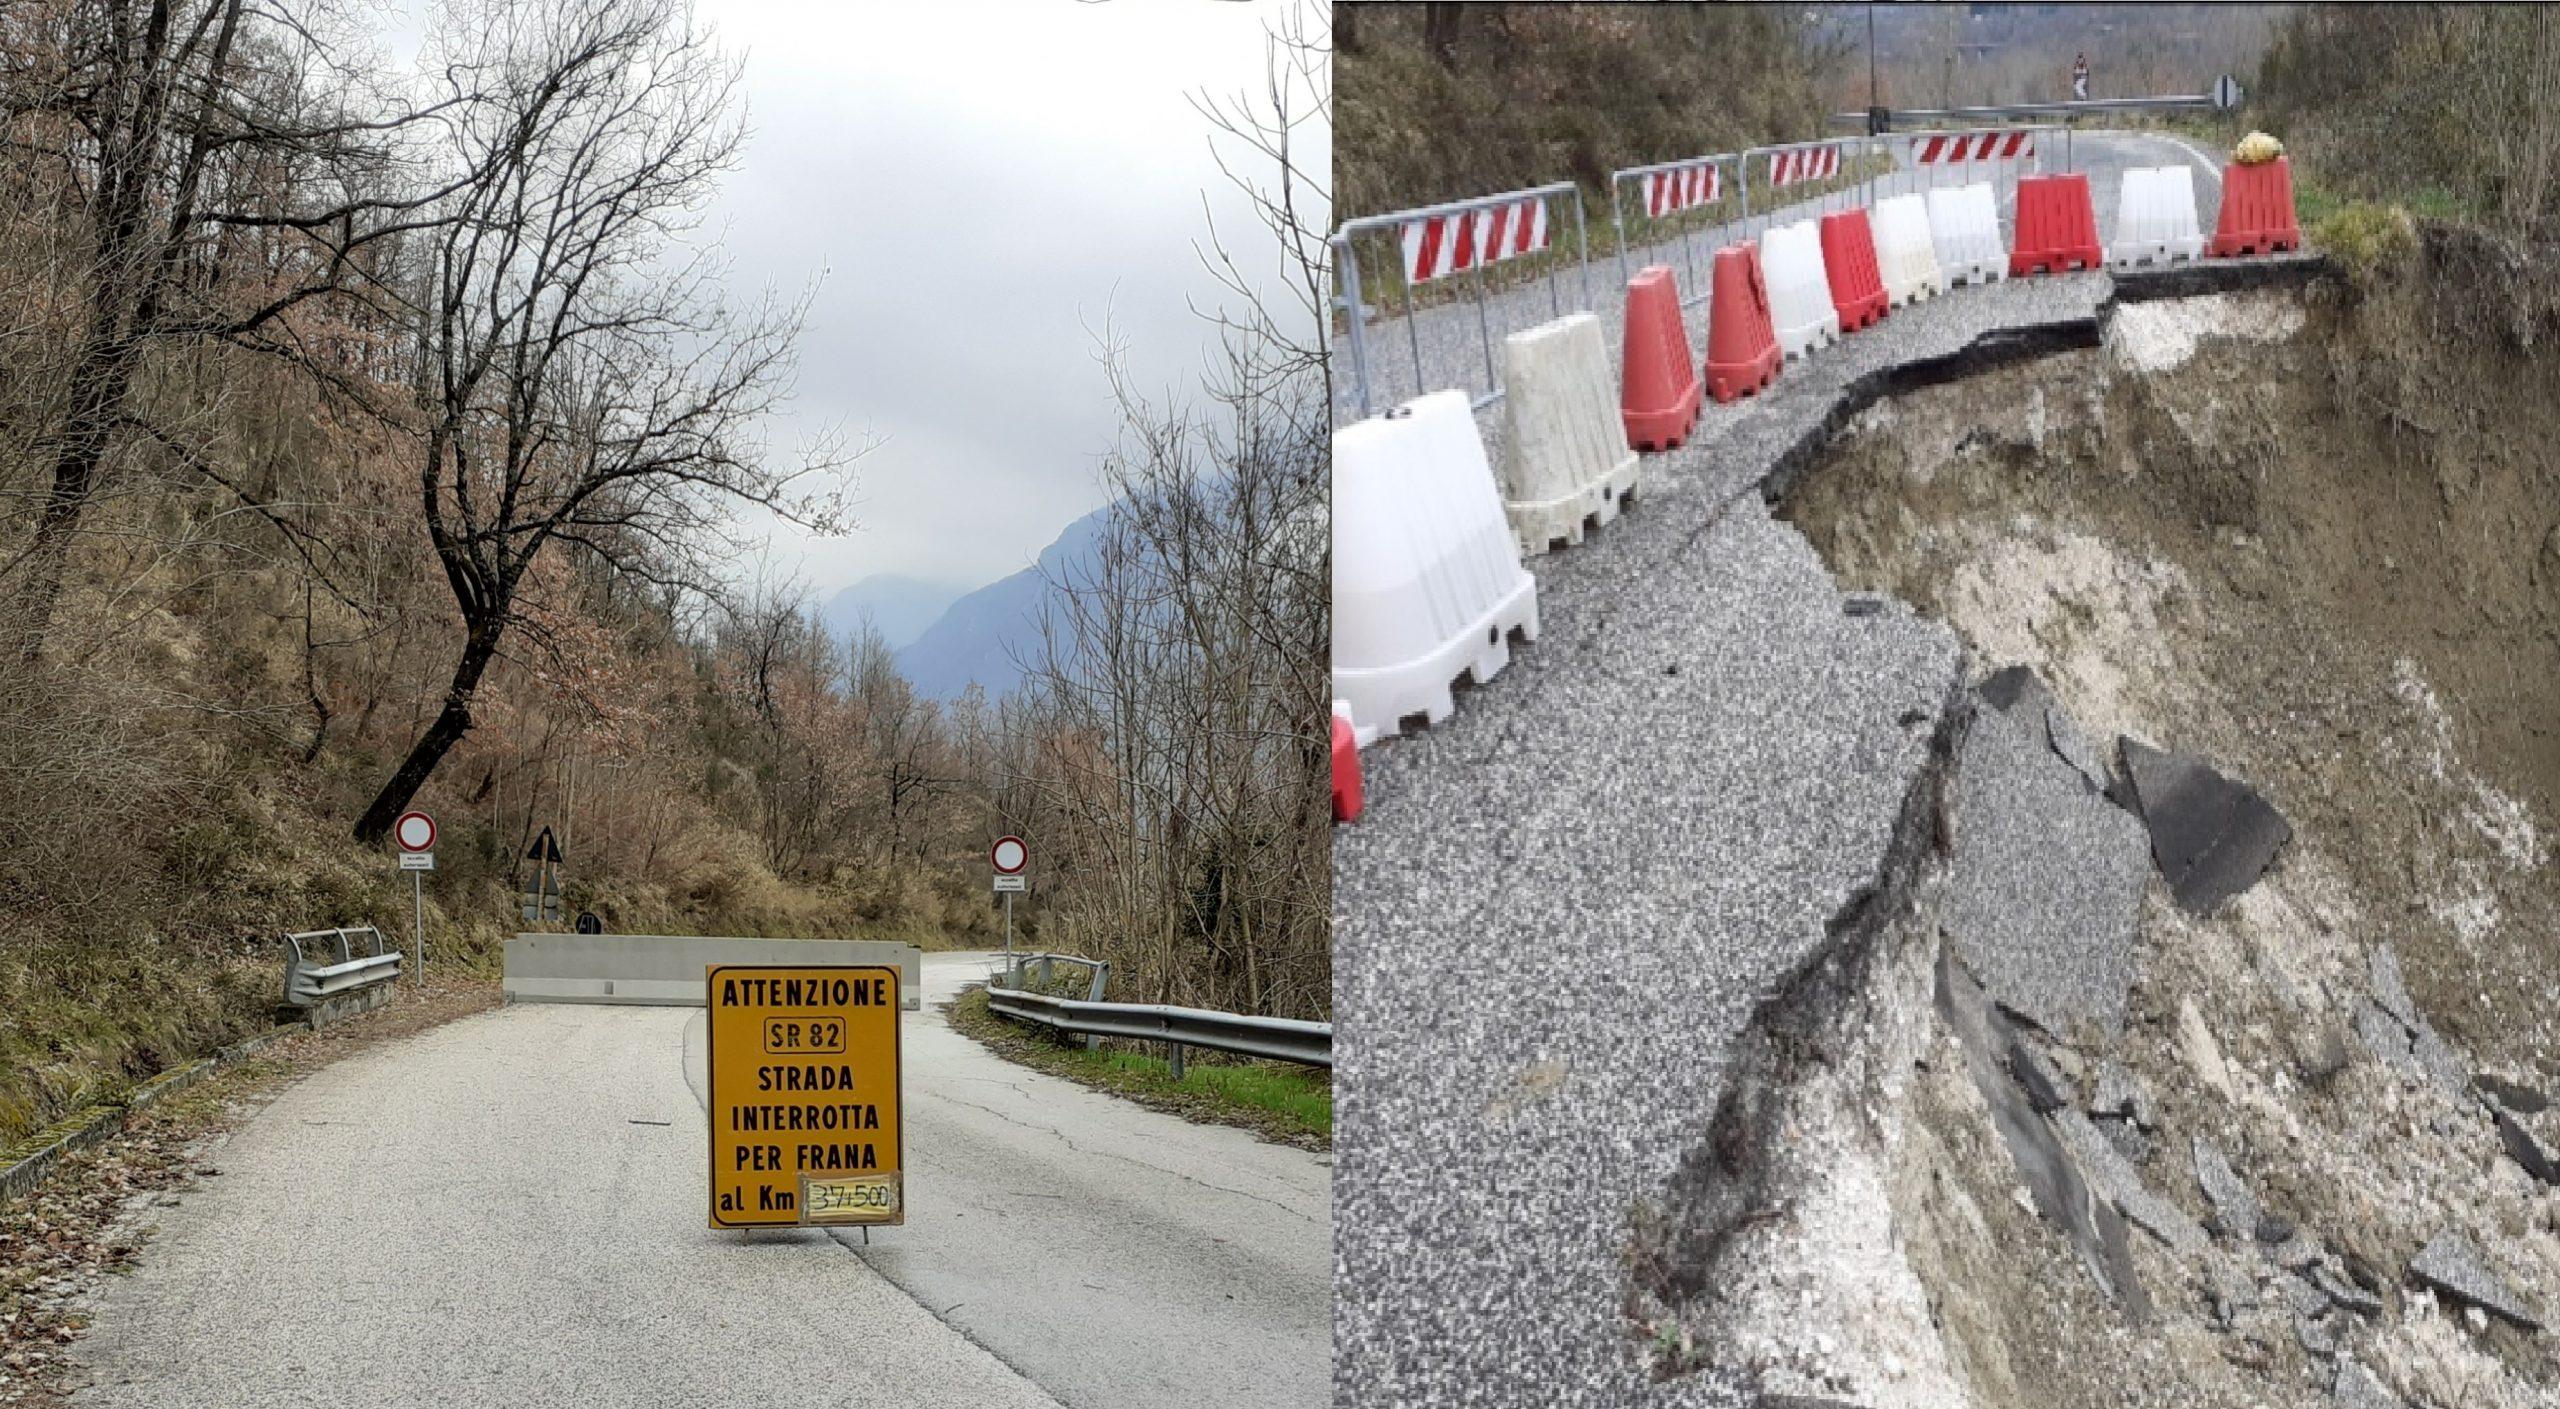 Valle Roveto, raddoppio SS690, dieci cose da fare prima di aprire i cantieri